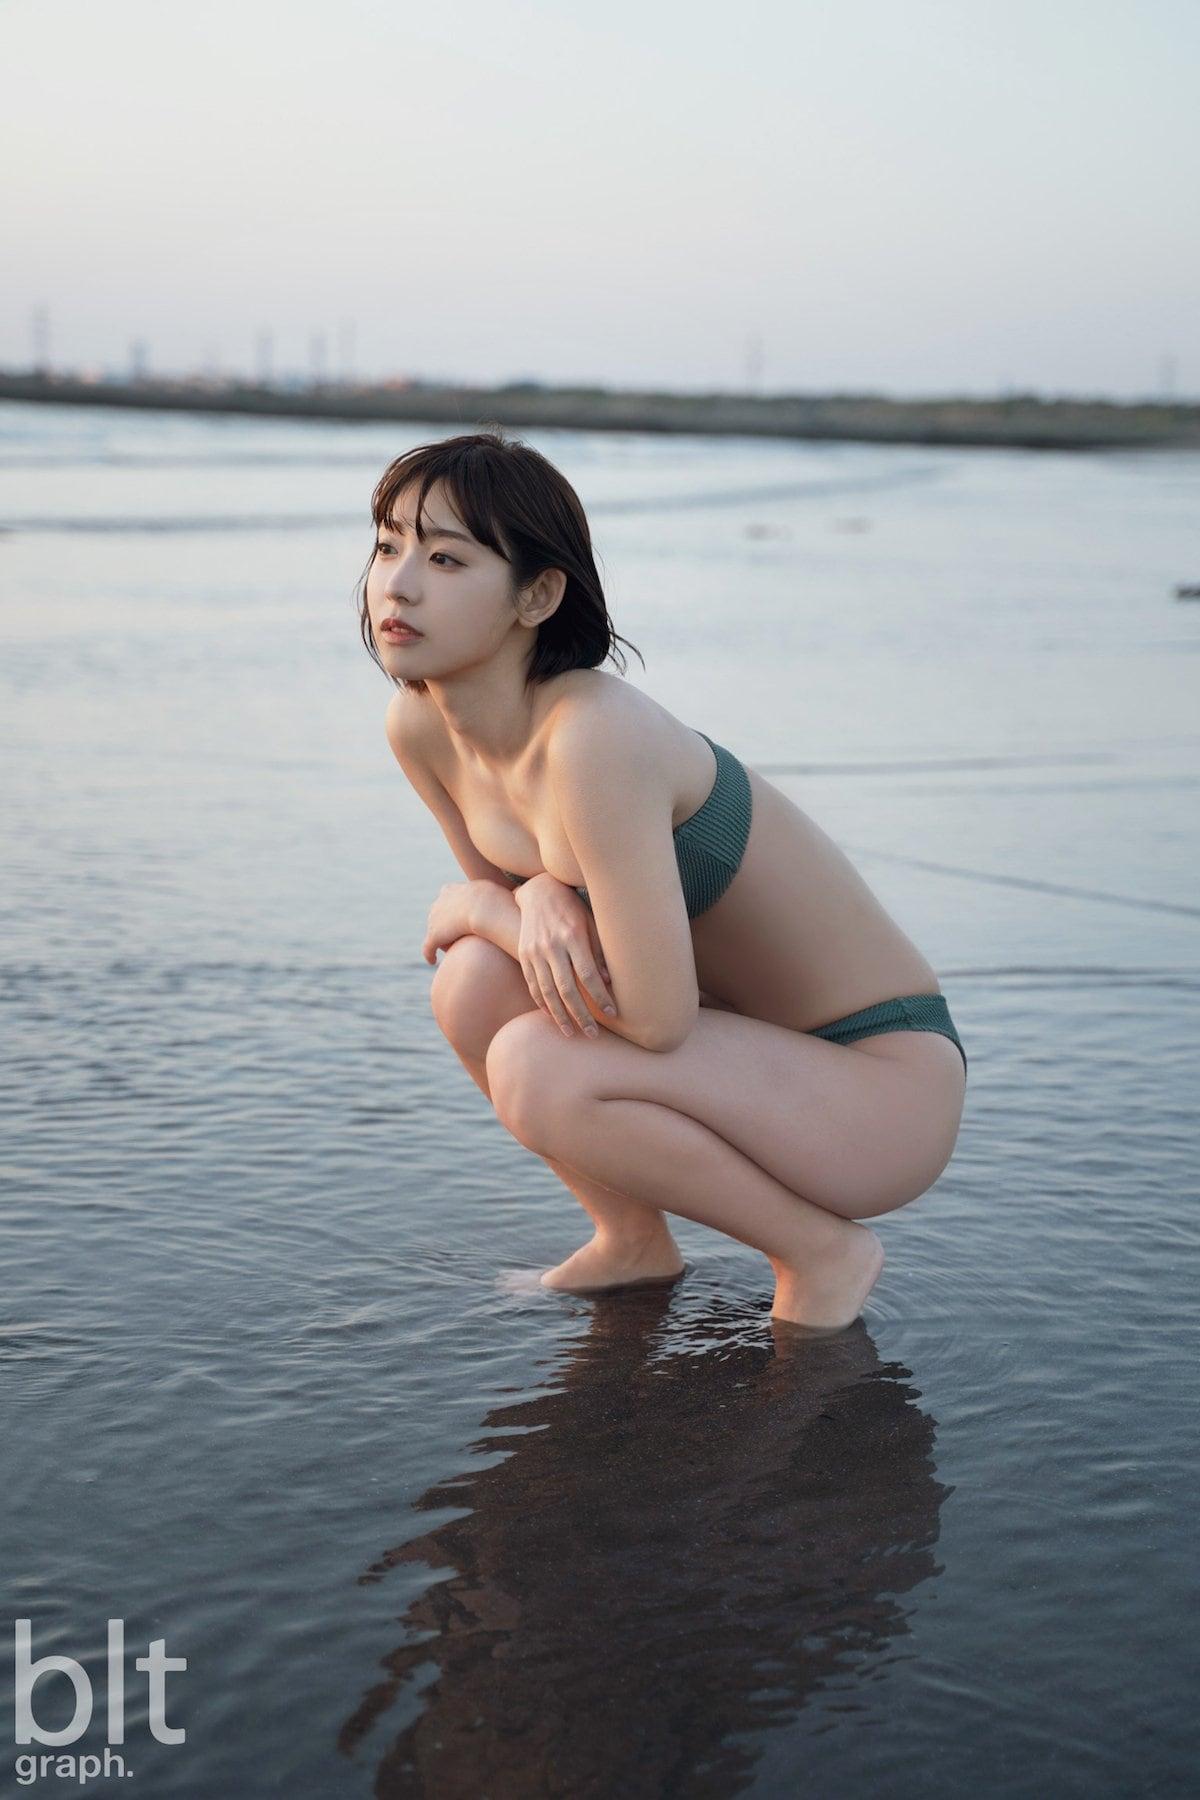 水湊みお「素晴らしき曲線美」芸術的なビキニ姿に感動!【画像9枚】の画像009